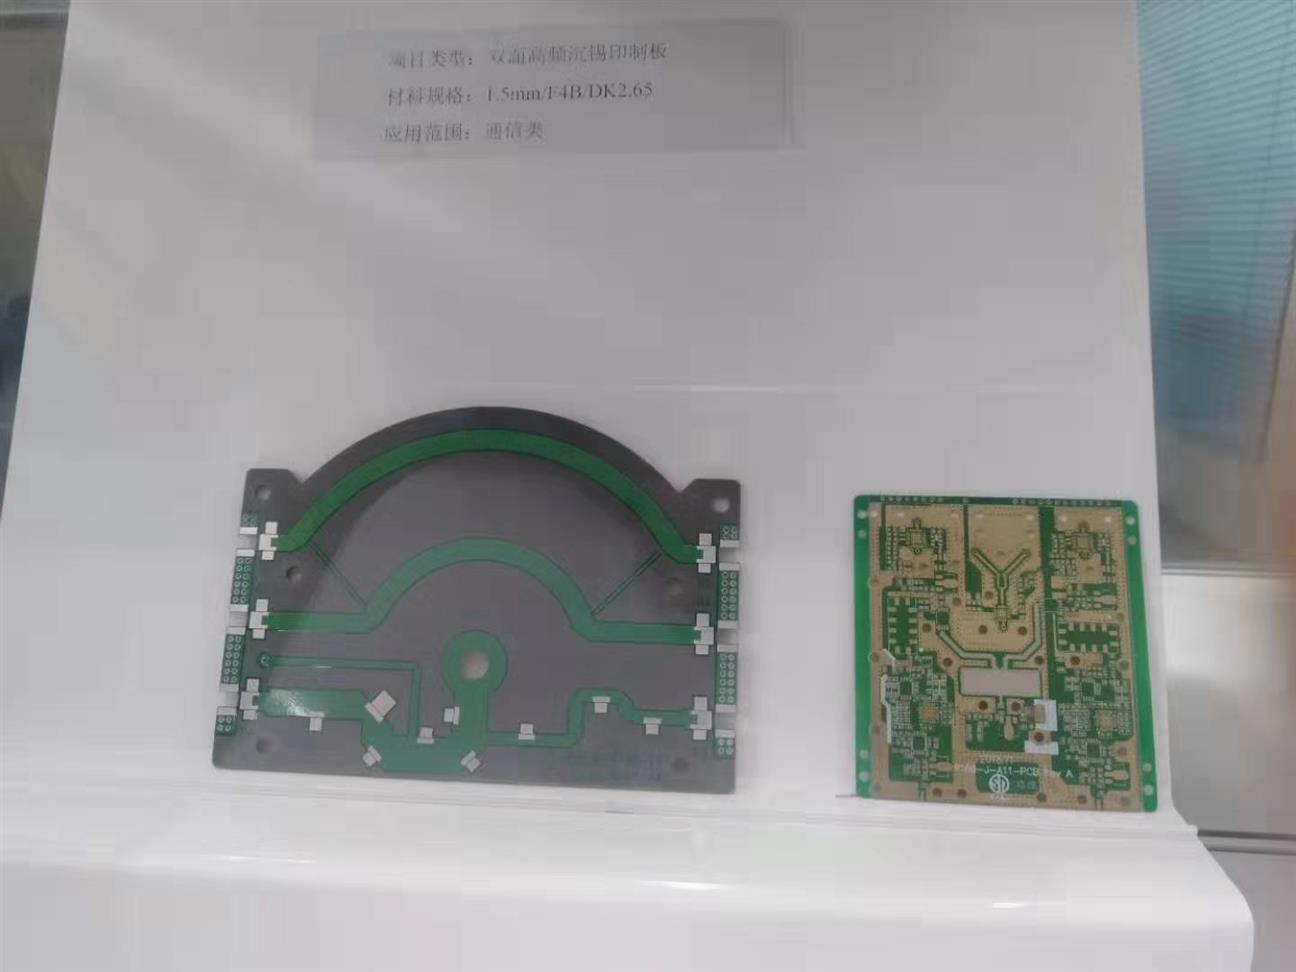 大连高频通信PCB制造厂商 花一分钟时间了解下这家报价